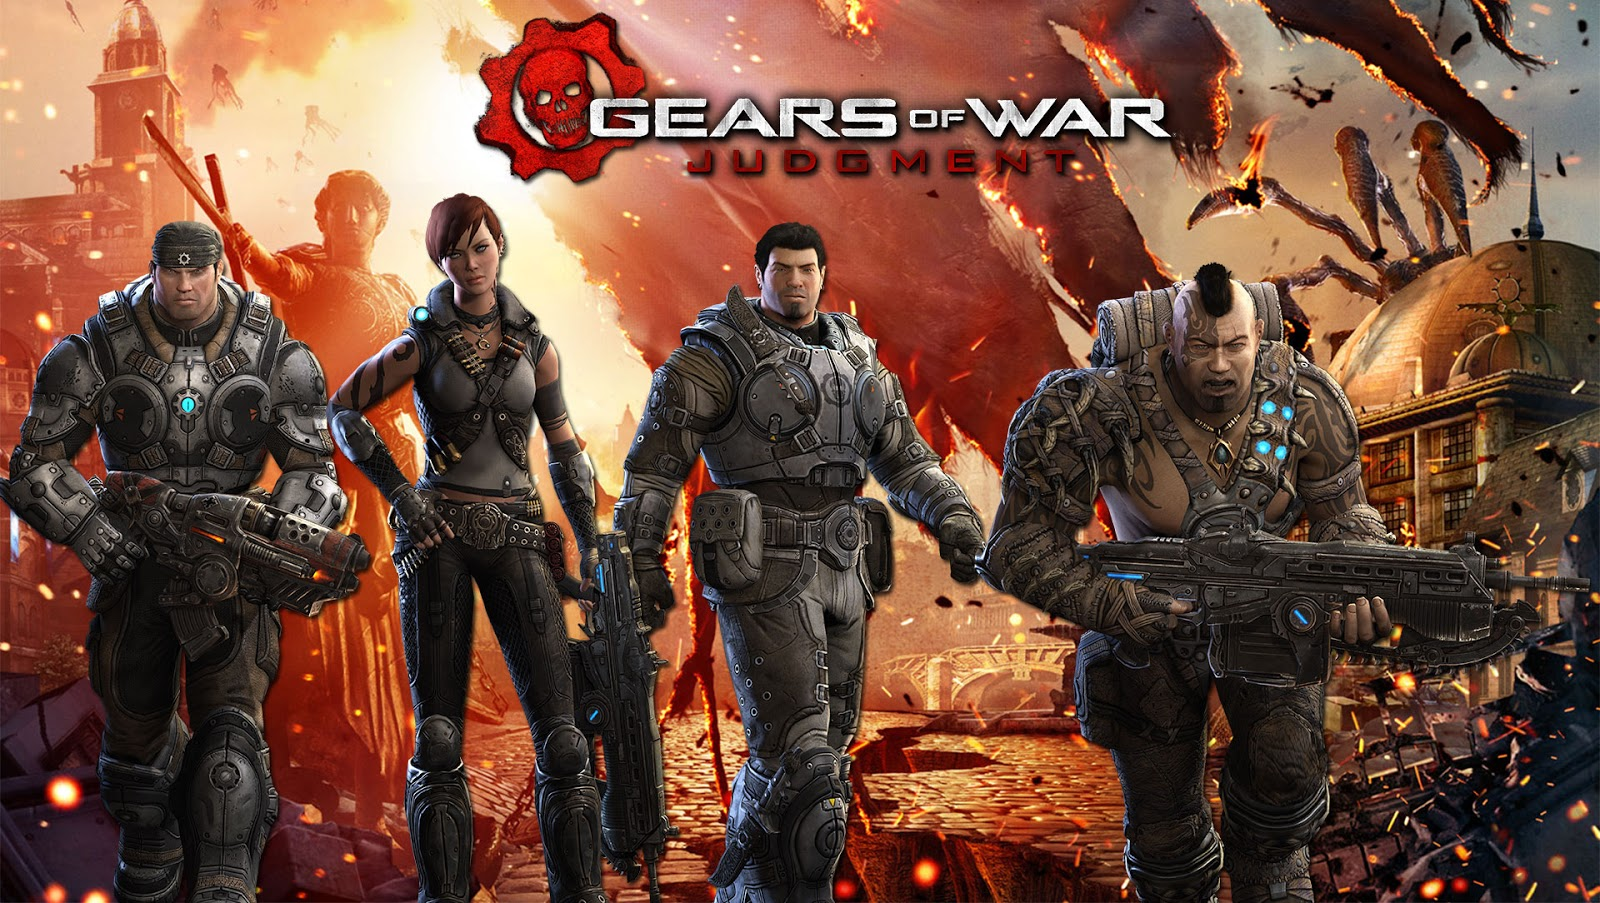 Estamos a unas semanas del estreno de Gears of War Judgment por eso 1600x903